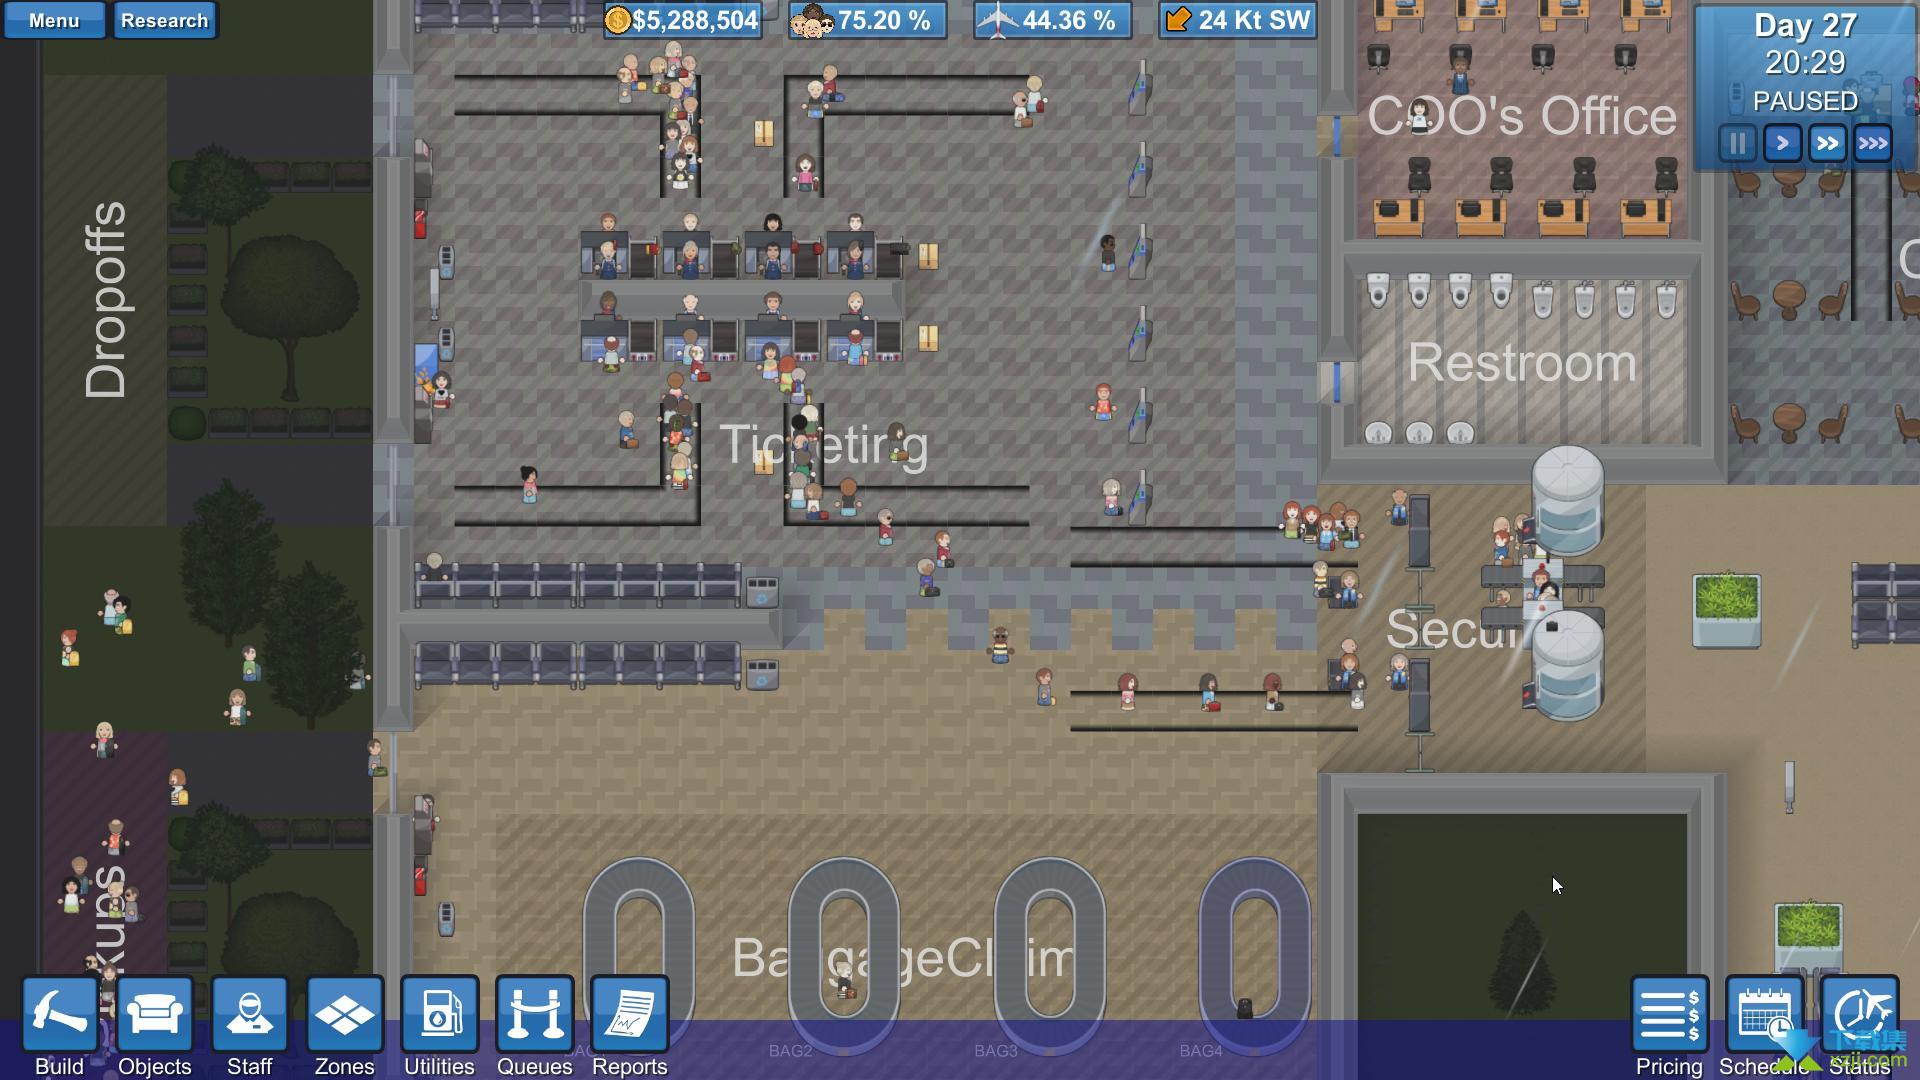 模拟机场界面1